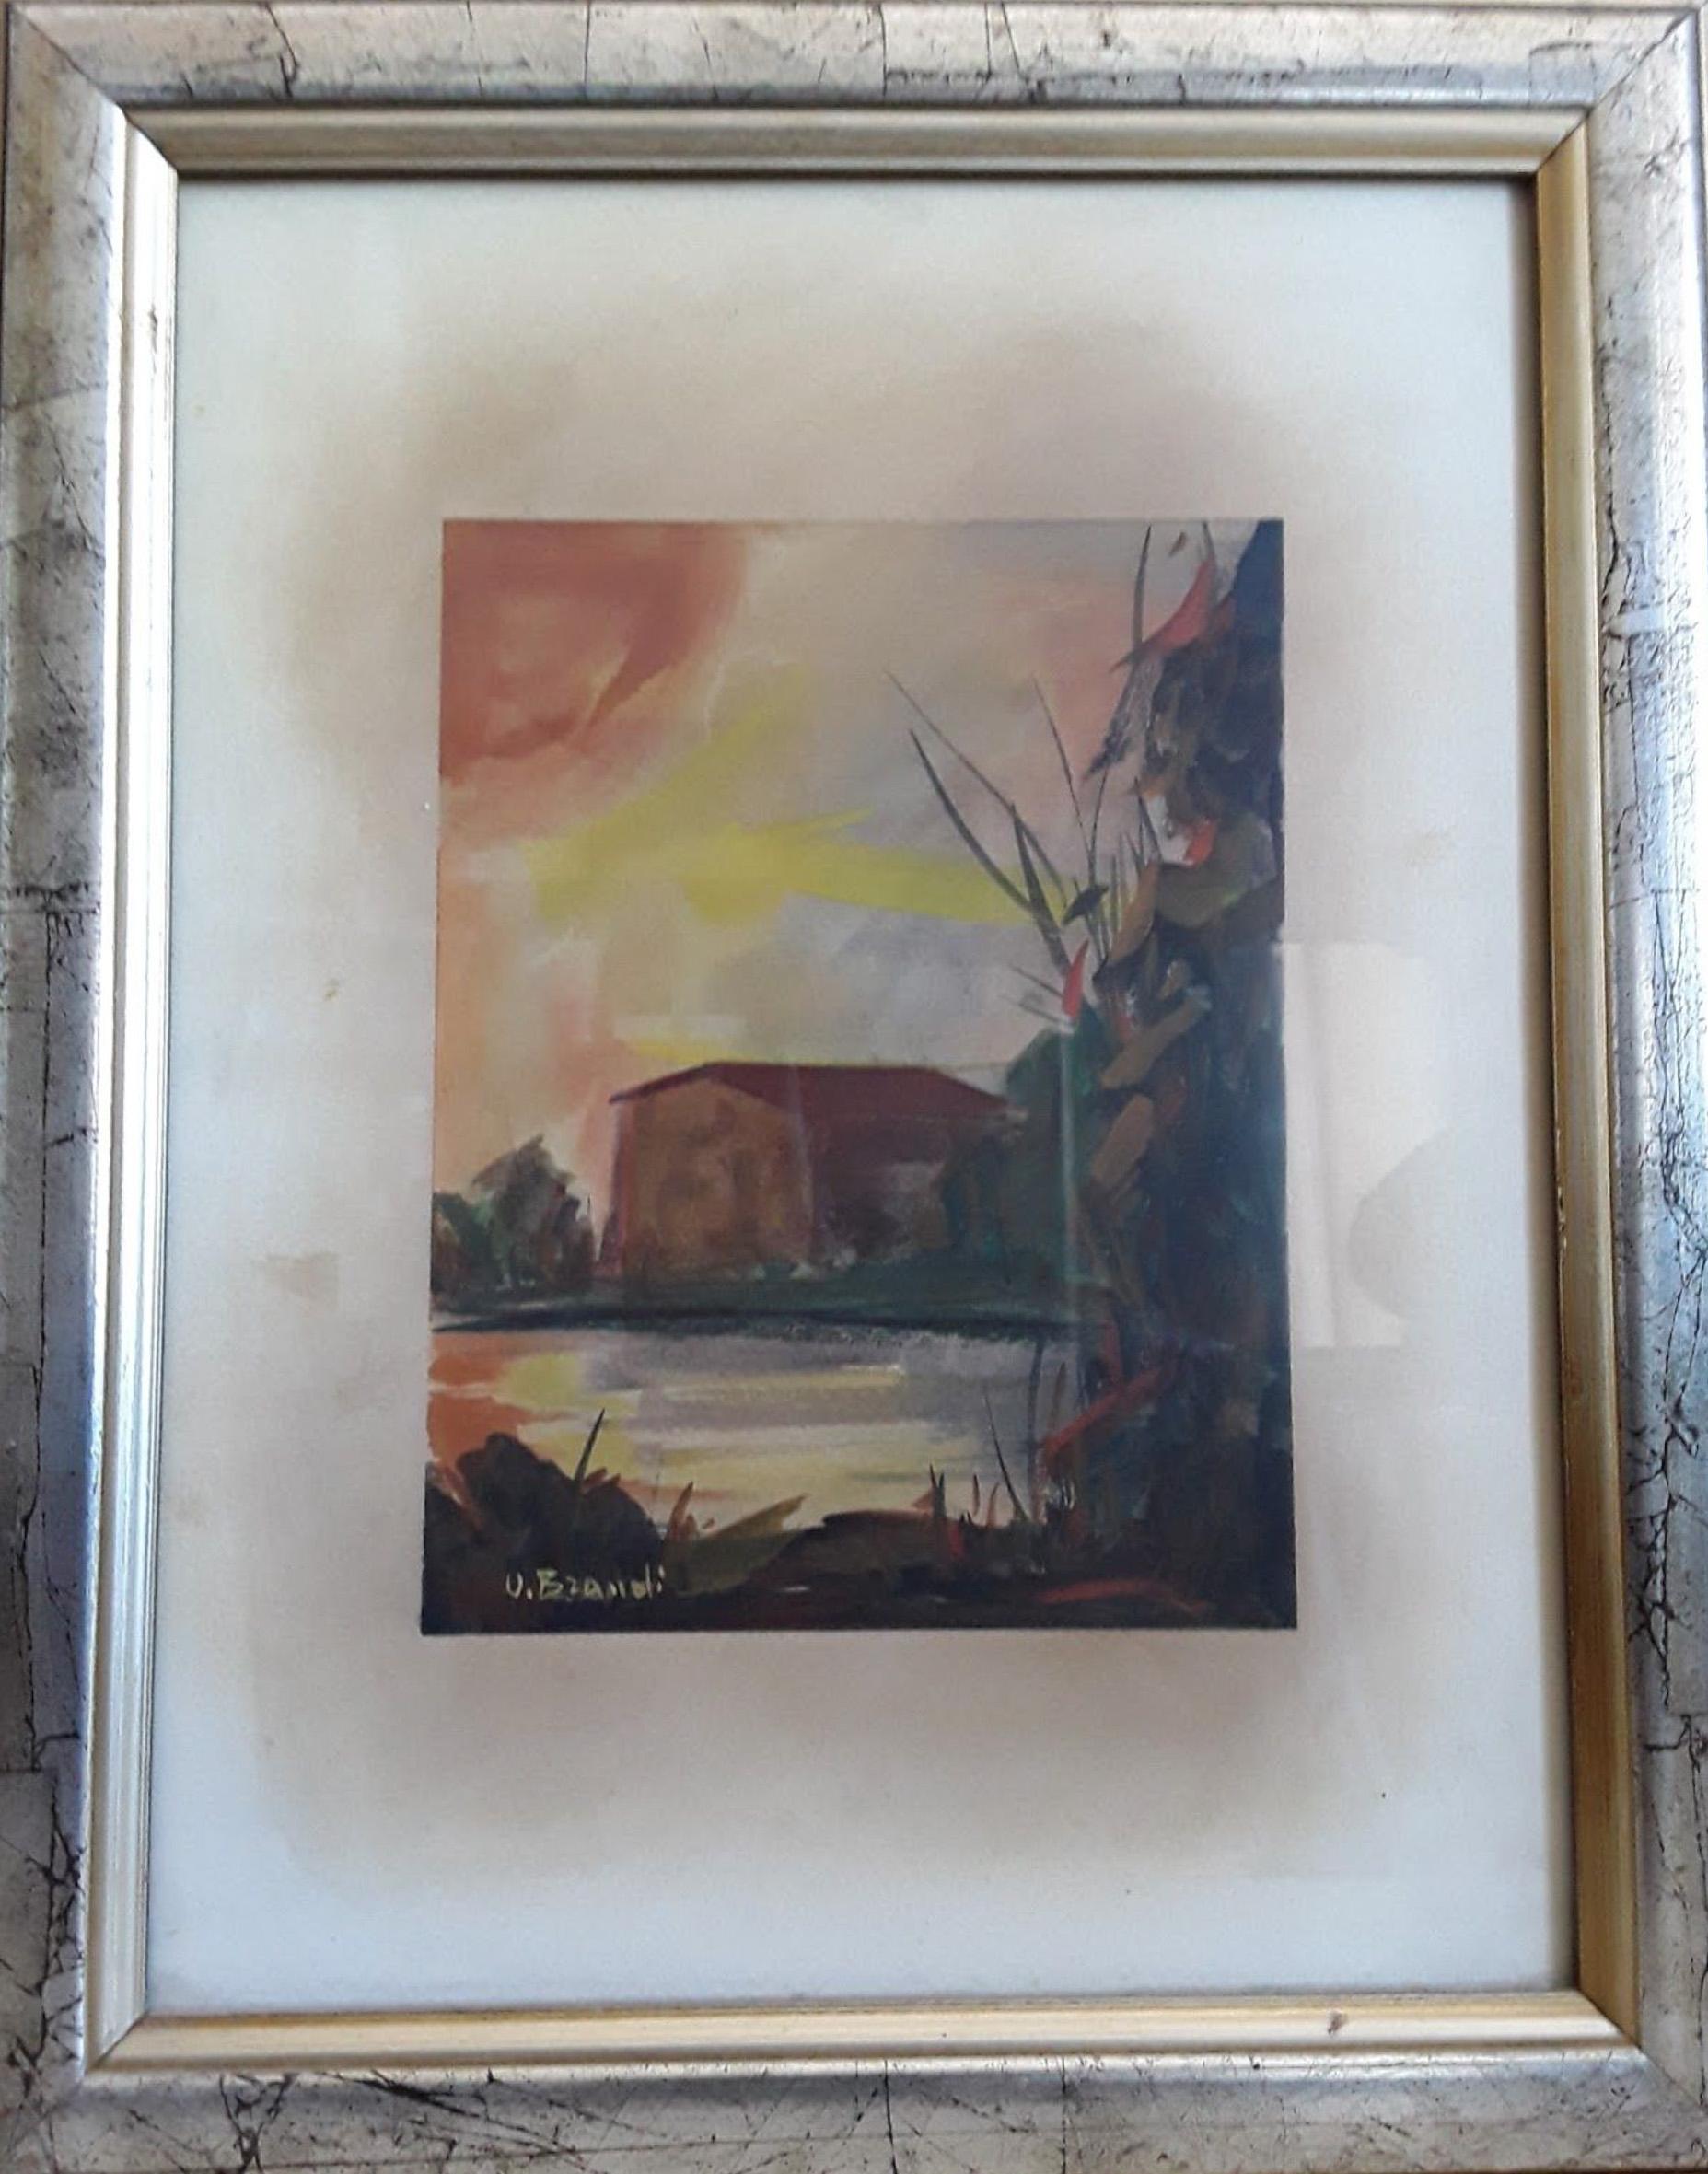 Umberto Brandi – Casa al tramonto